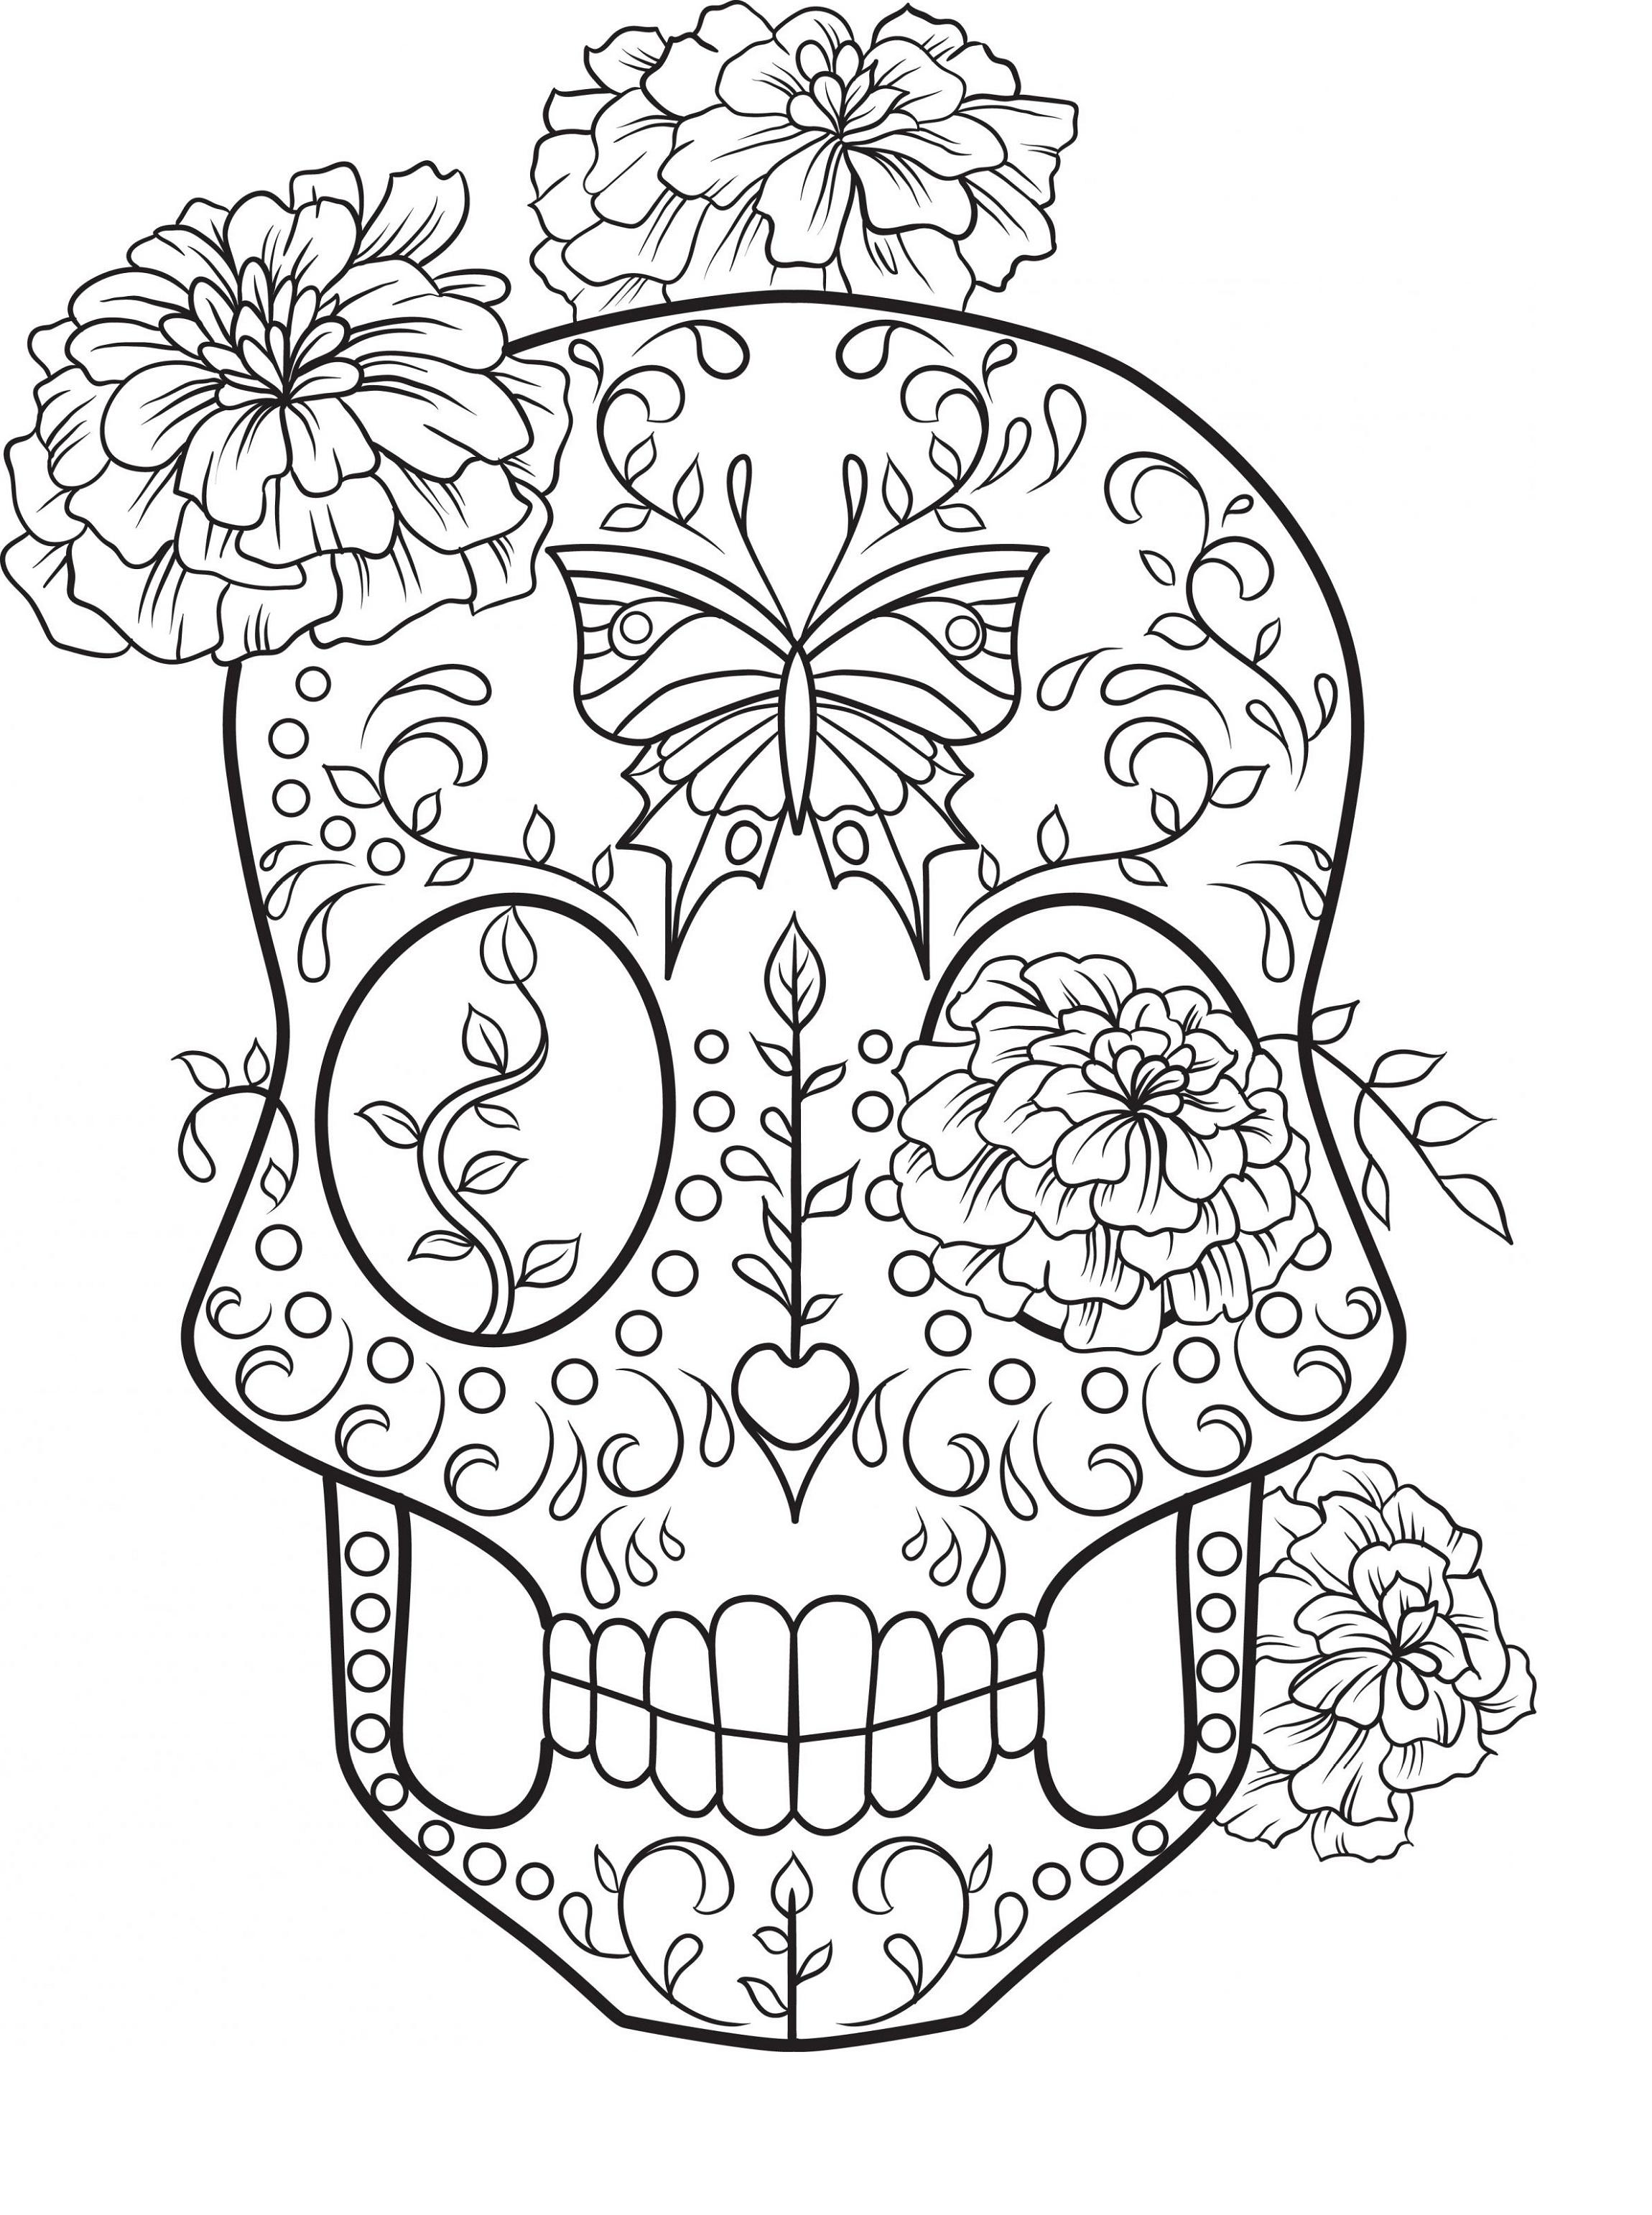 Easy Sugar Skull Coloring